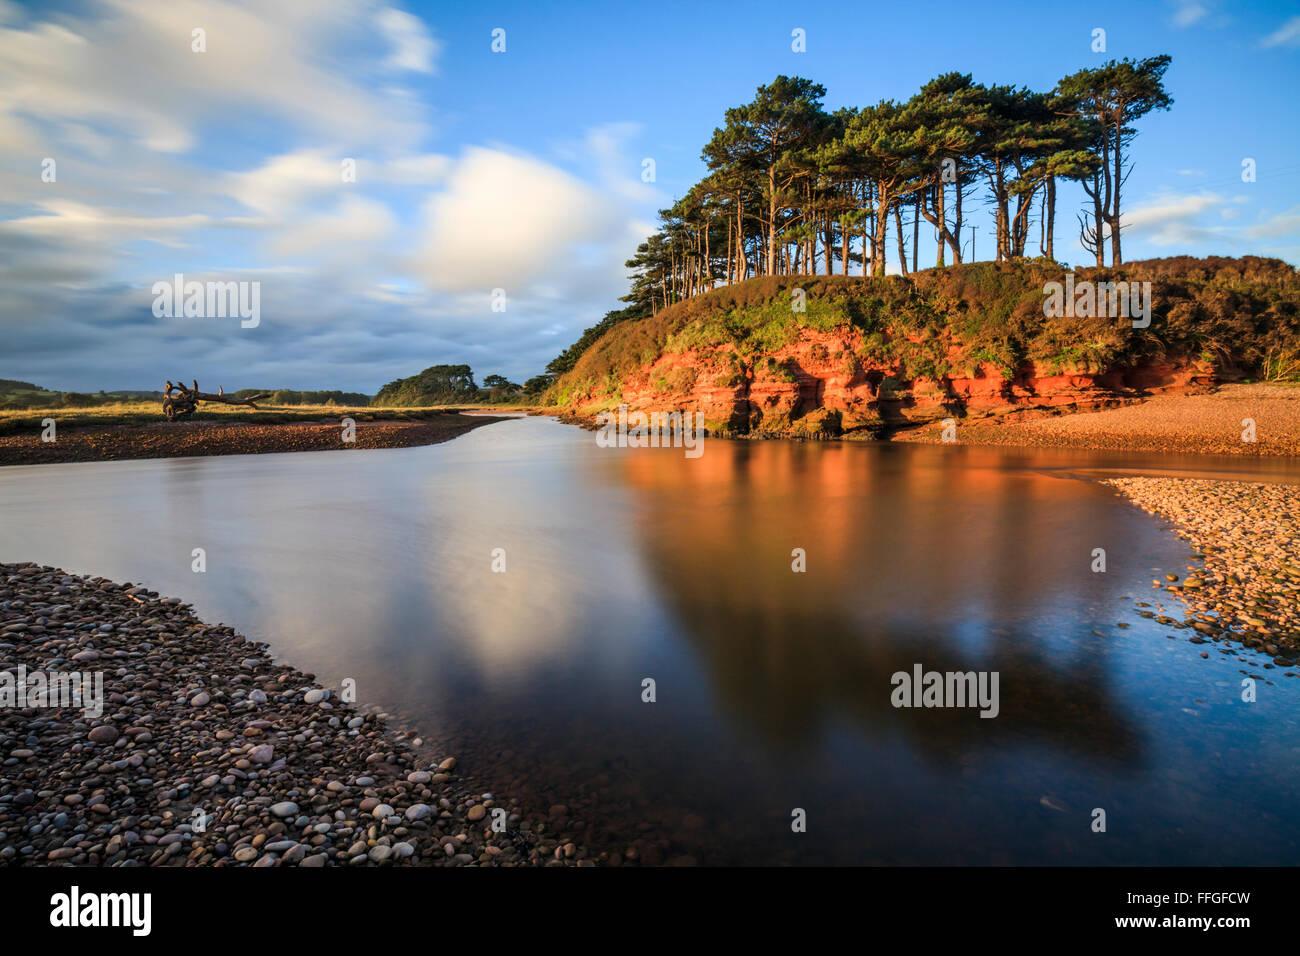 Un stand de l'arbre sur la Loutre de rivière, près de Budleigh Salterton, Devon dans le sud-est. Photo Stock